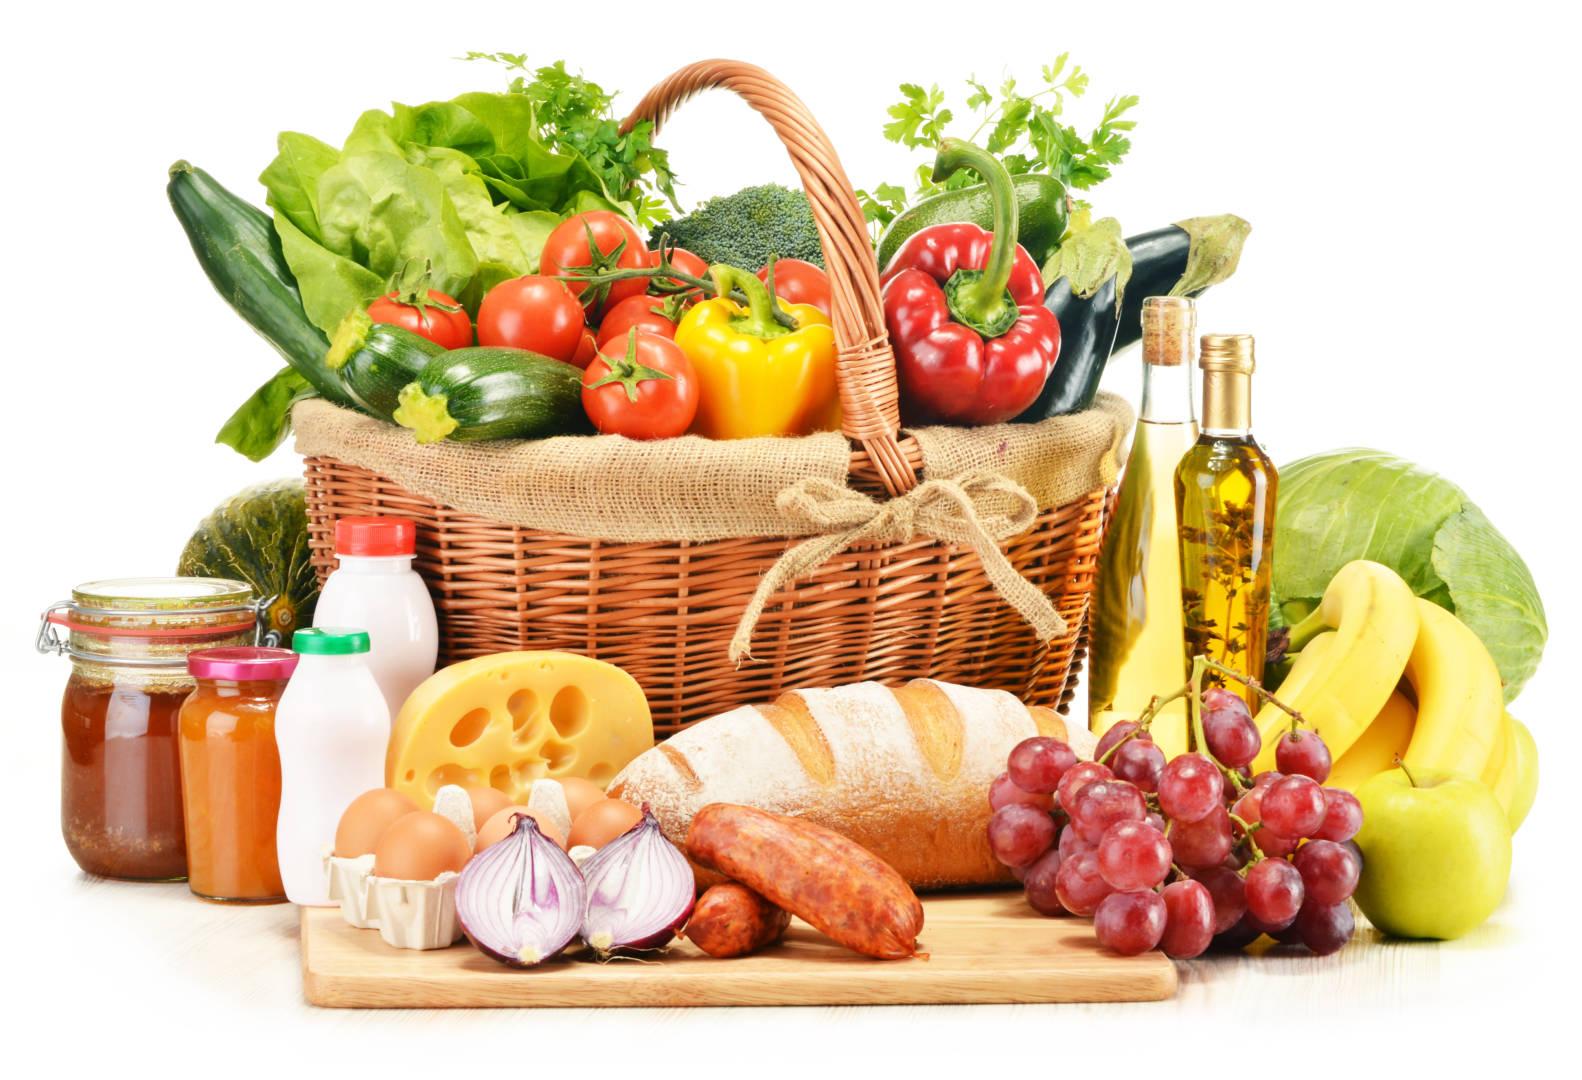 eczéma et aliments anti-inflamamtoires